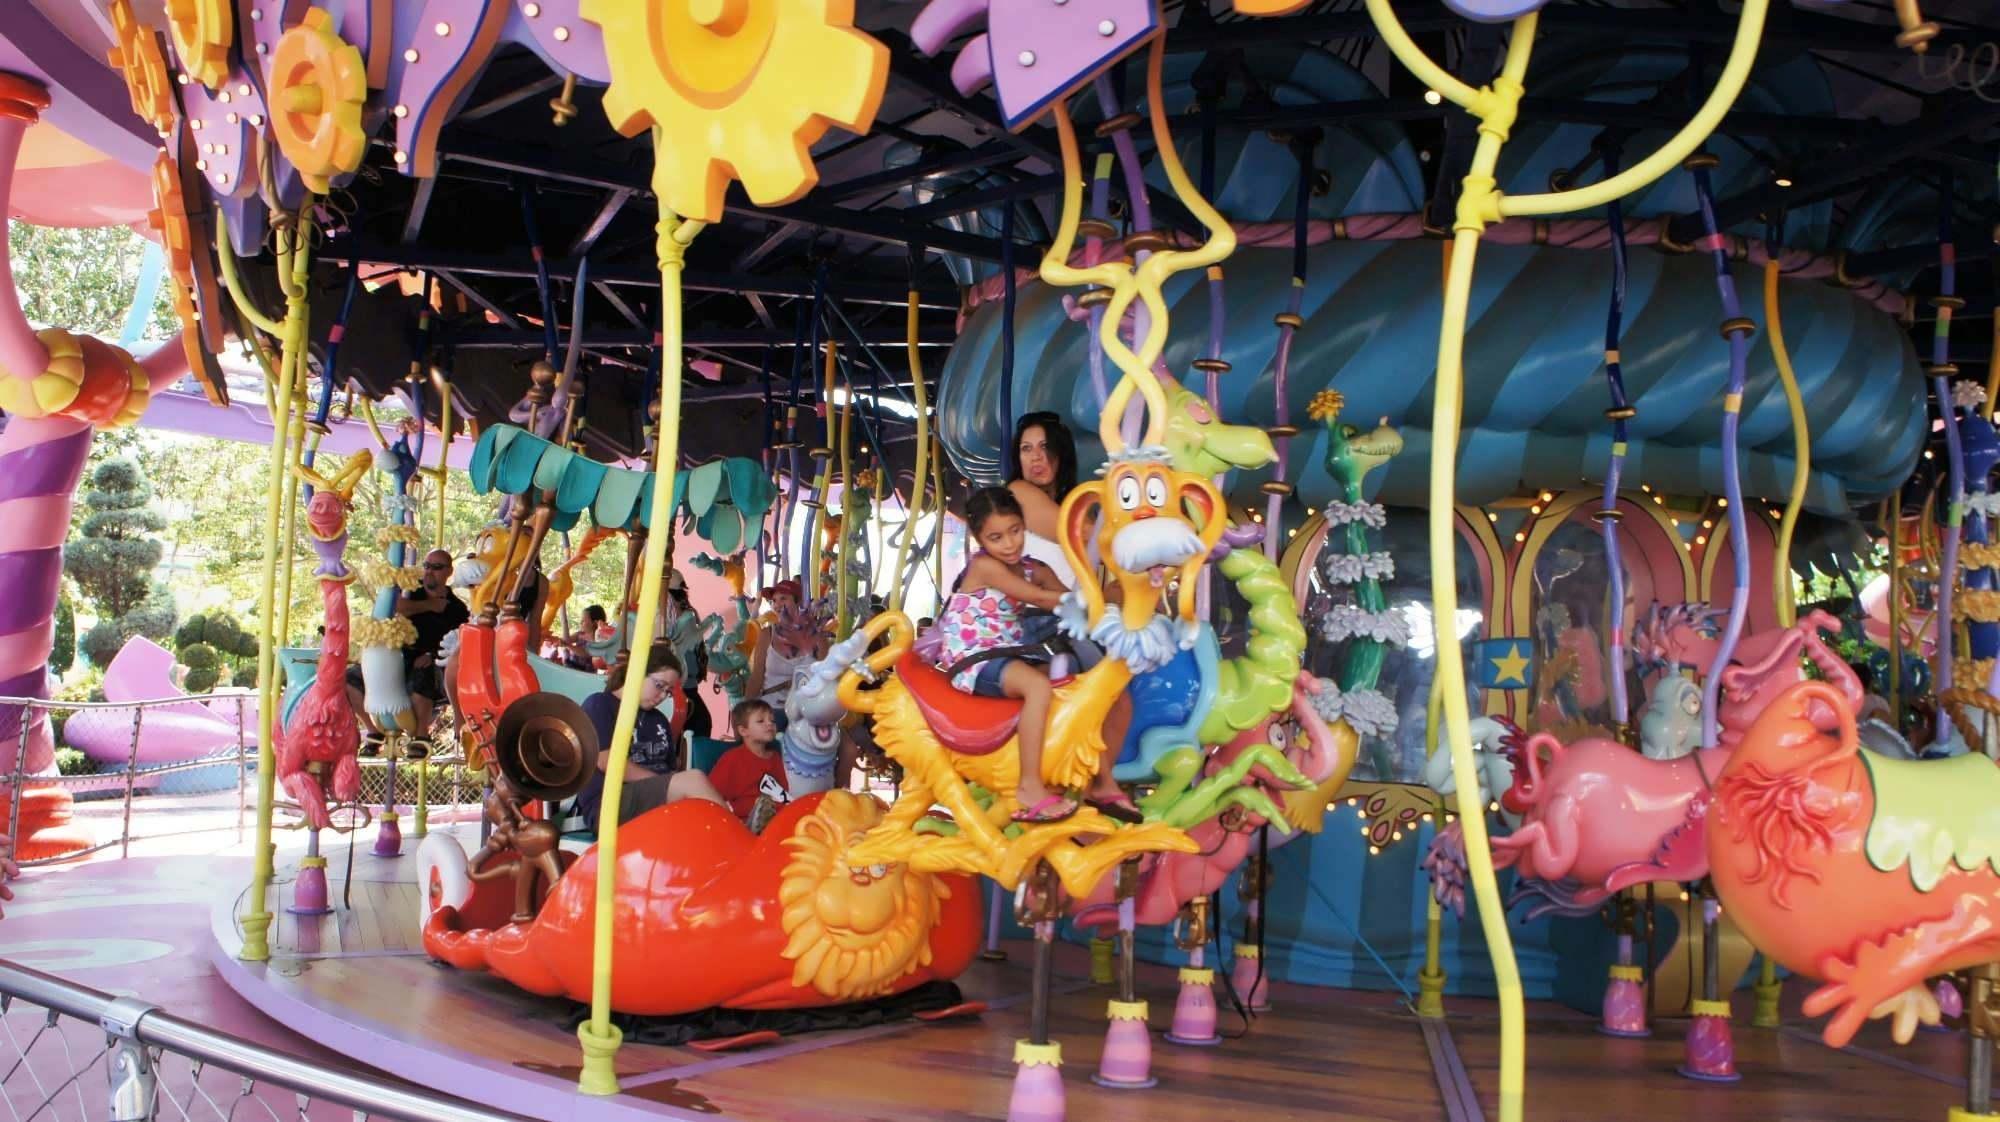 Caro-Seuss-el in action